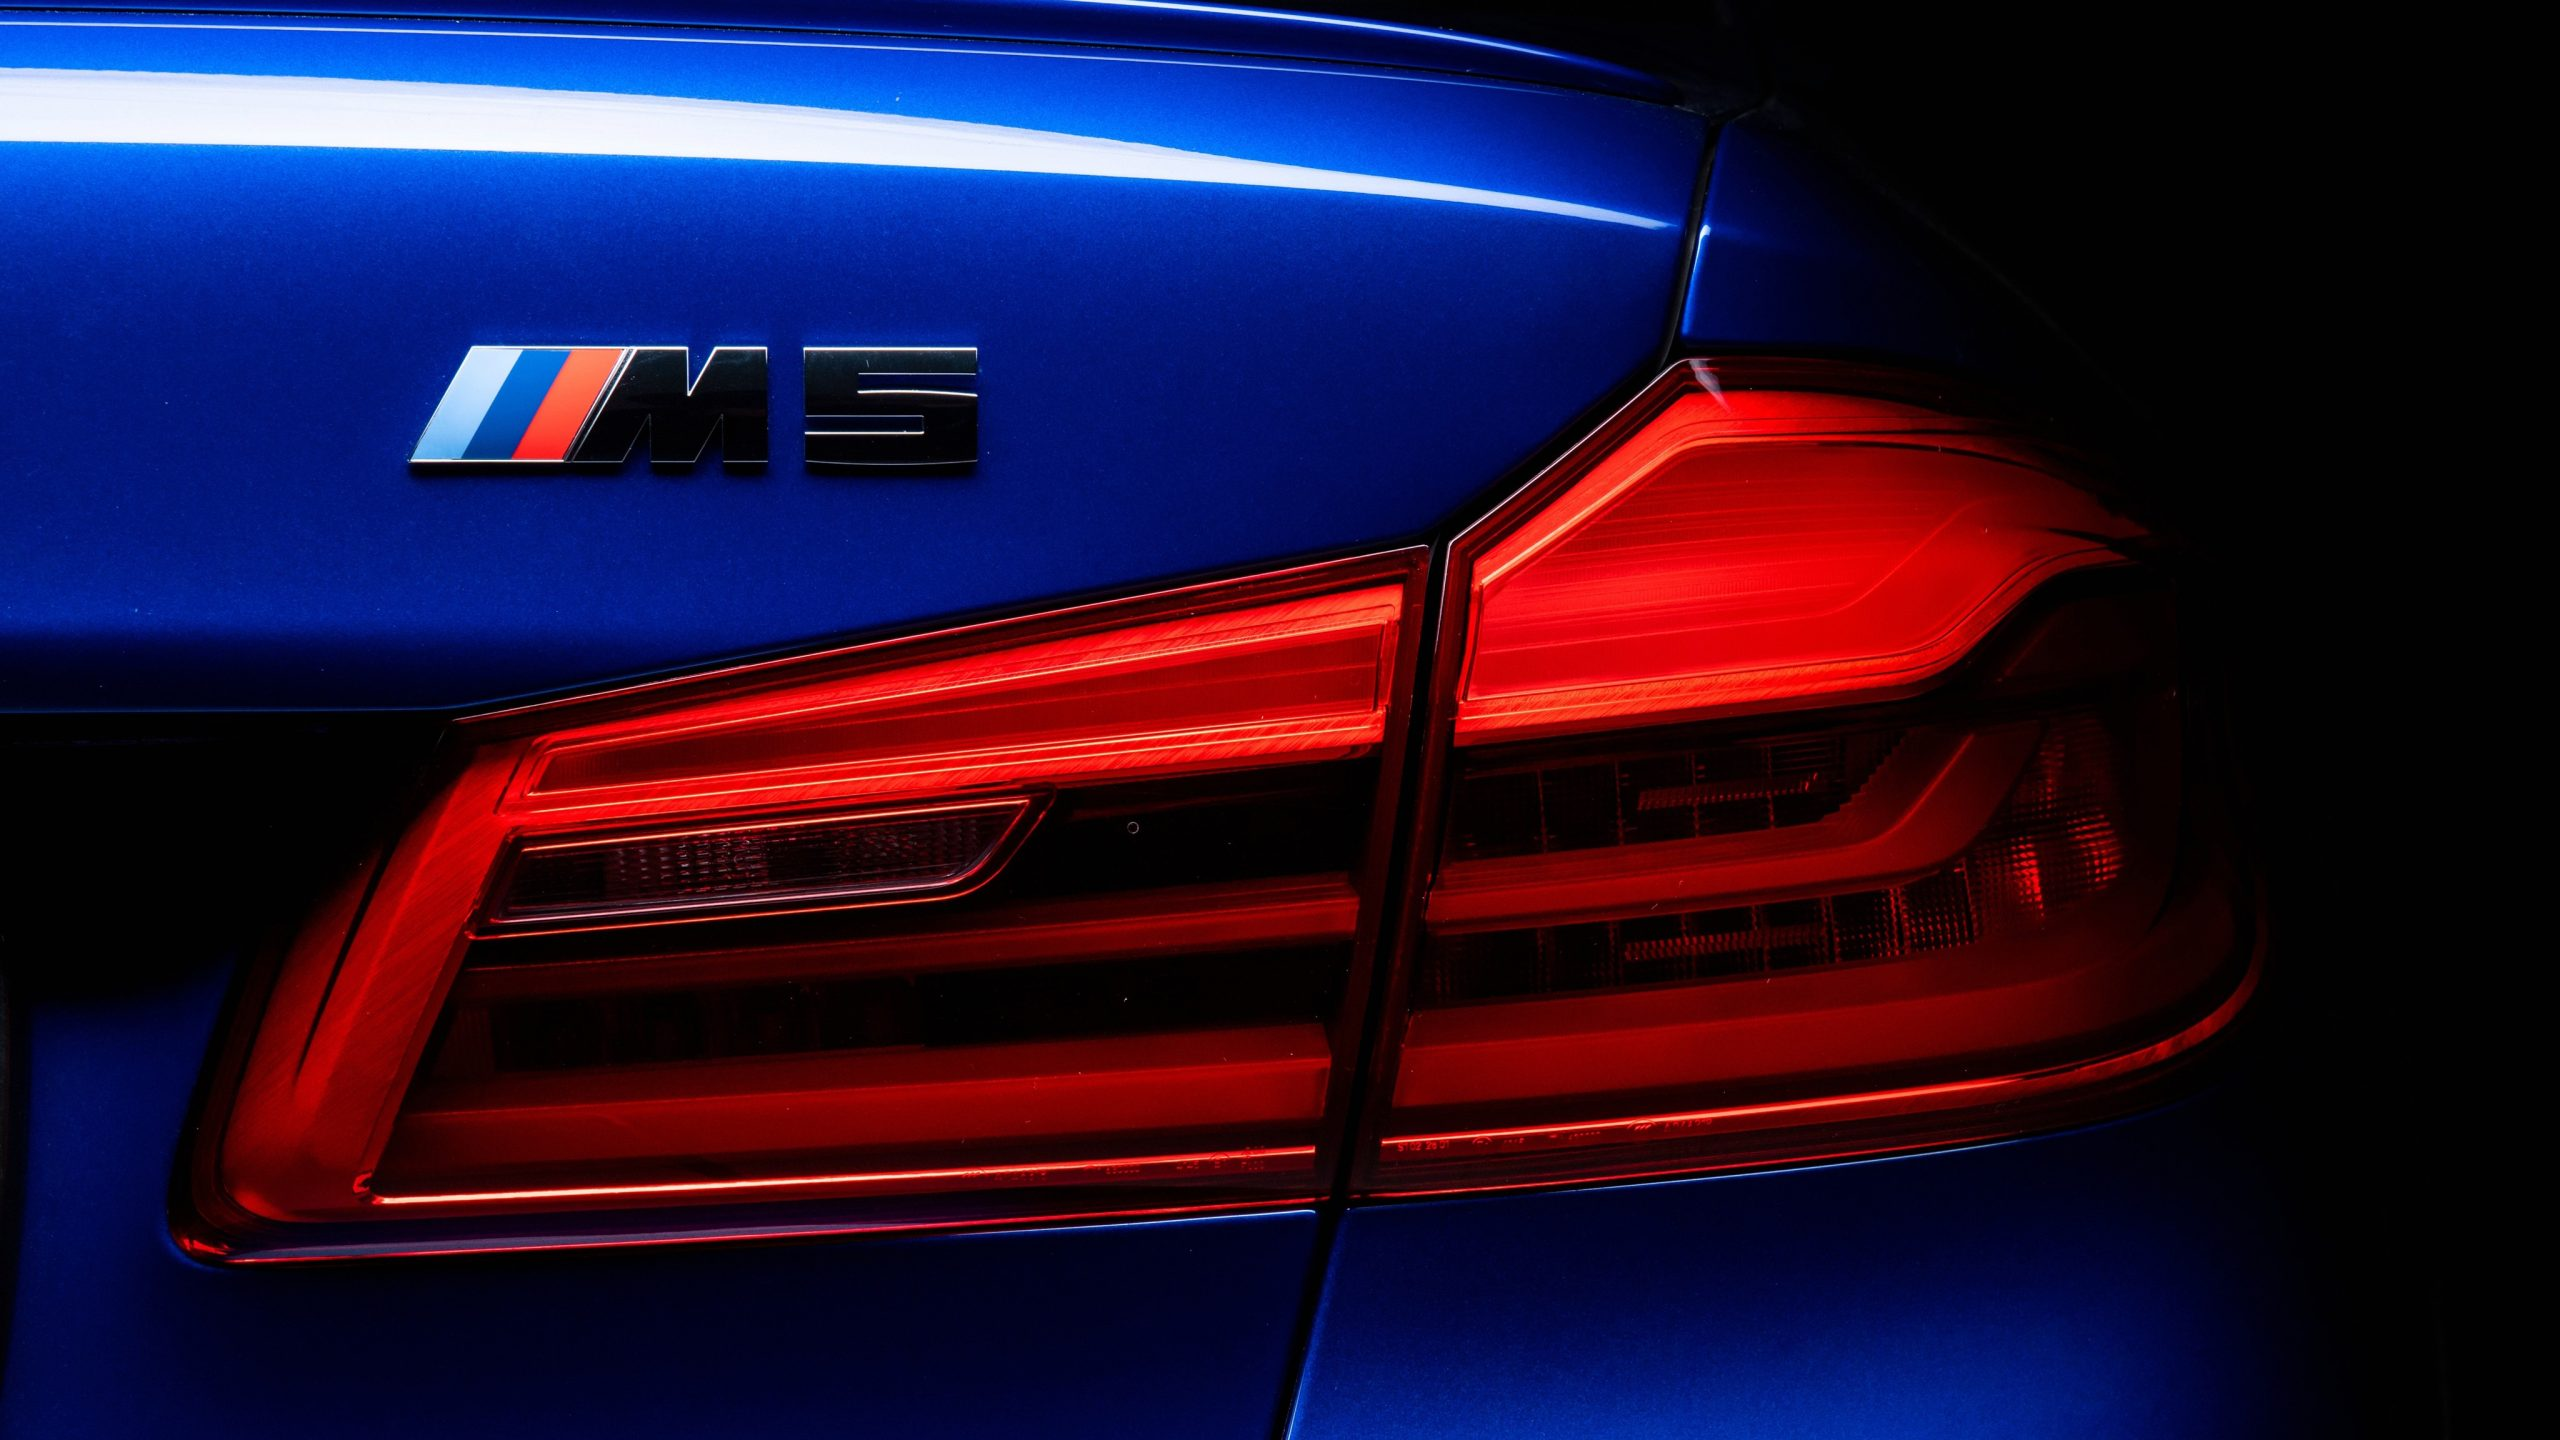 BMW M5 HD Wallpaper Back